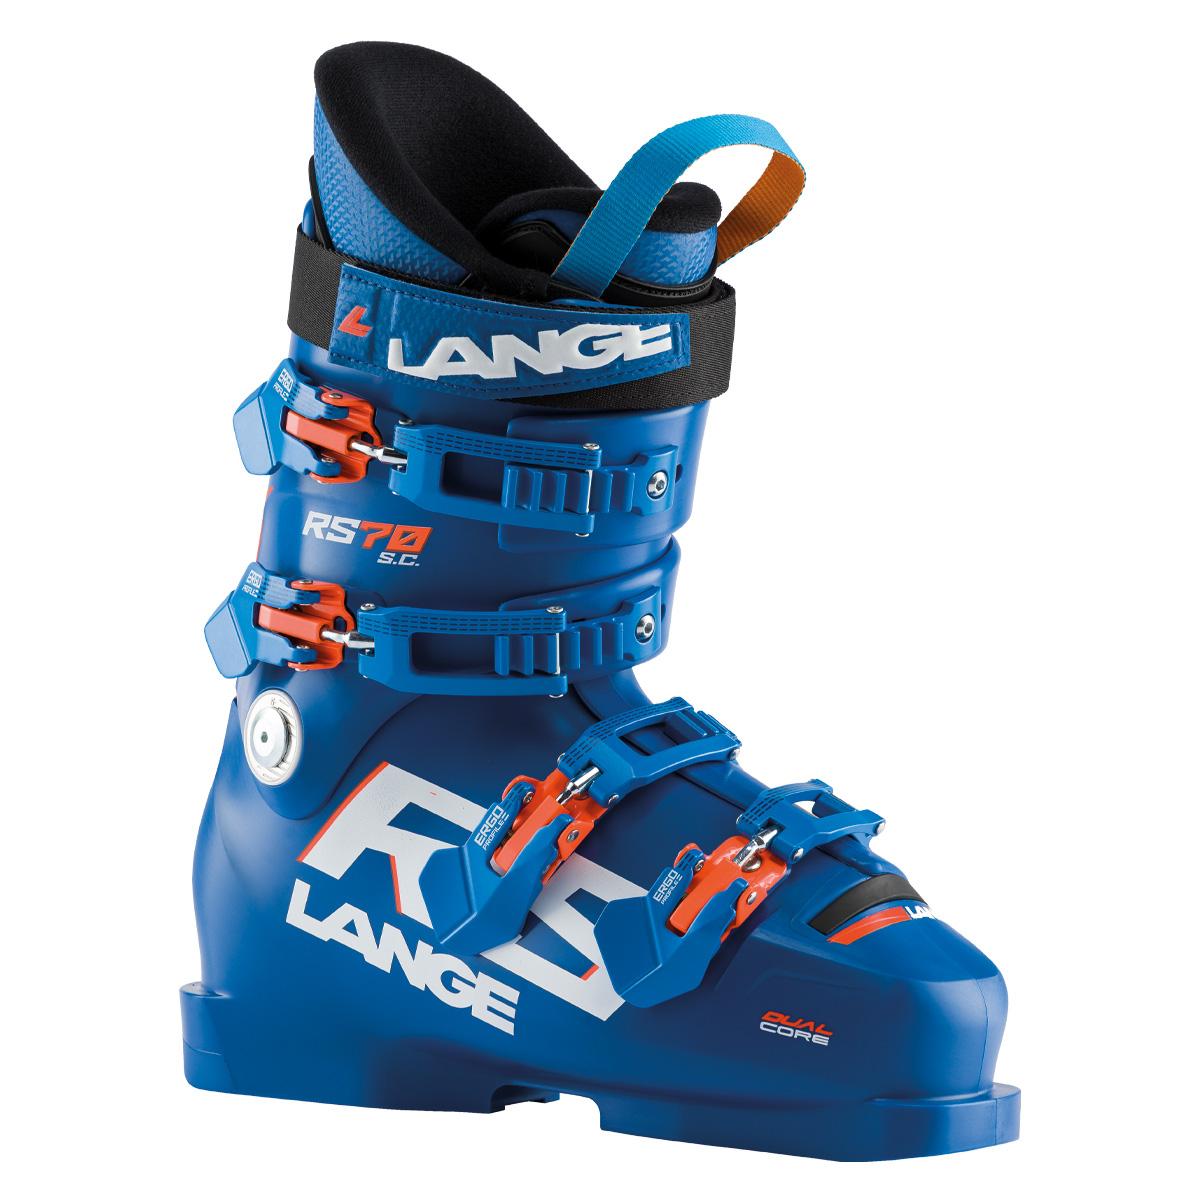 Scarponi Sci Lange RS 70 S.C. (Colore: Blu arancione, Taglia: 25)